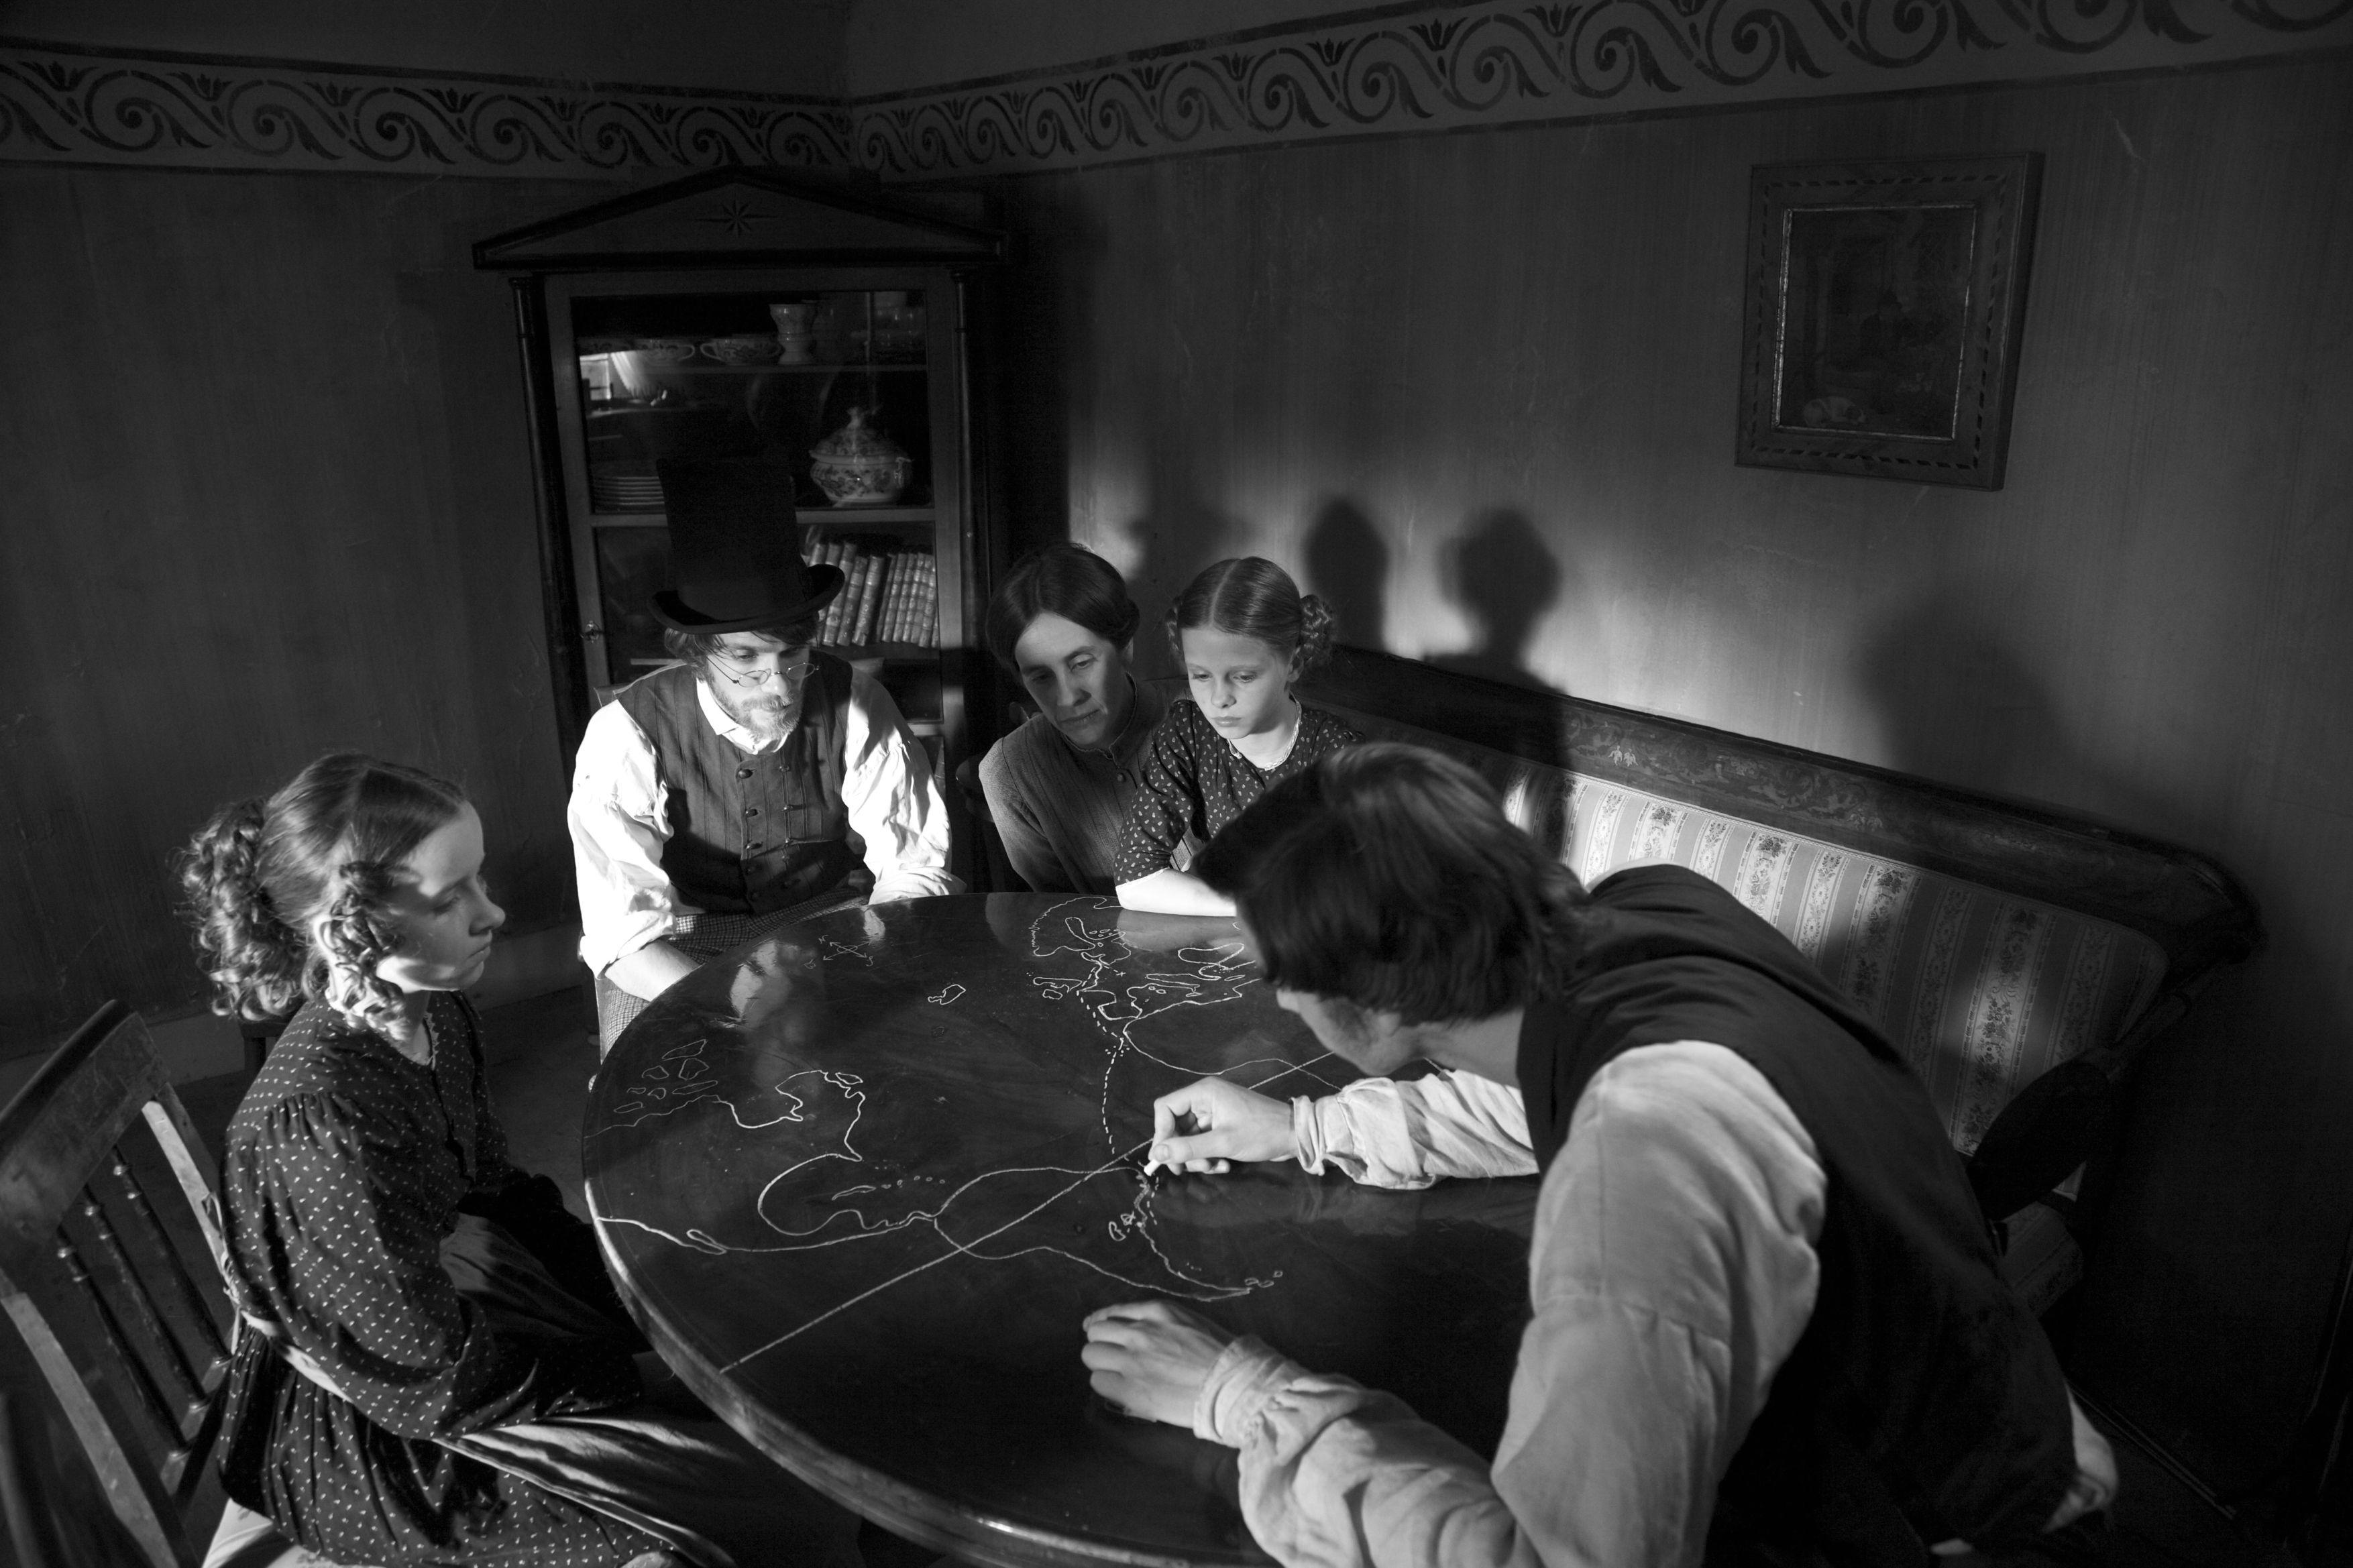 Die andere Heimat - Chronik einer Sehnsucht Jakob (Jan Dieter Schneider) erklärt seinem Freund Franz Olm (Christoph Luser) und dessen Familie die Überfahrt nach Brasilien © Concorde Filmverleih 2013/Nikolai Ebert